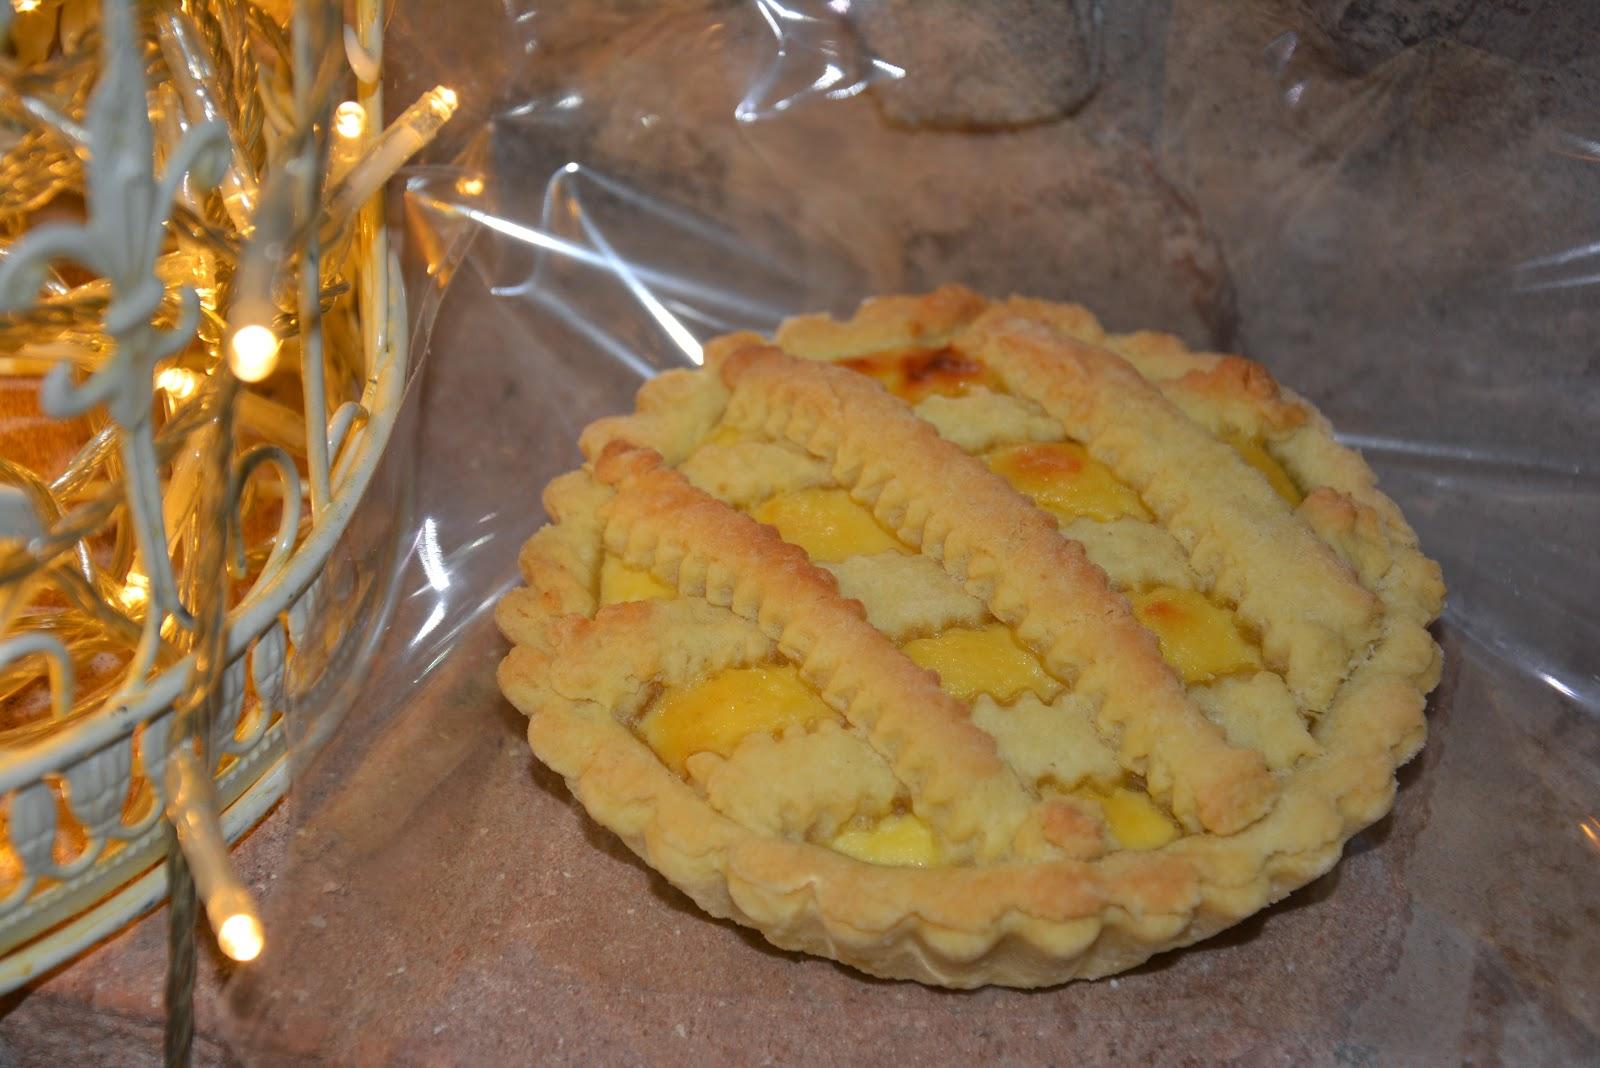 Azzuchef scuola di cucina dolce dicembre le crostate for Cucina dolce